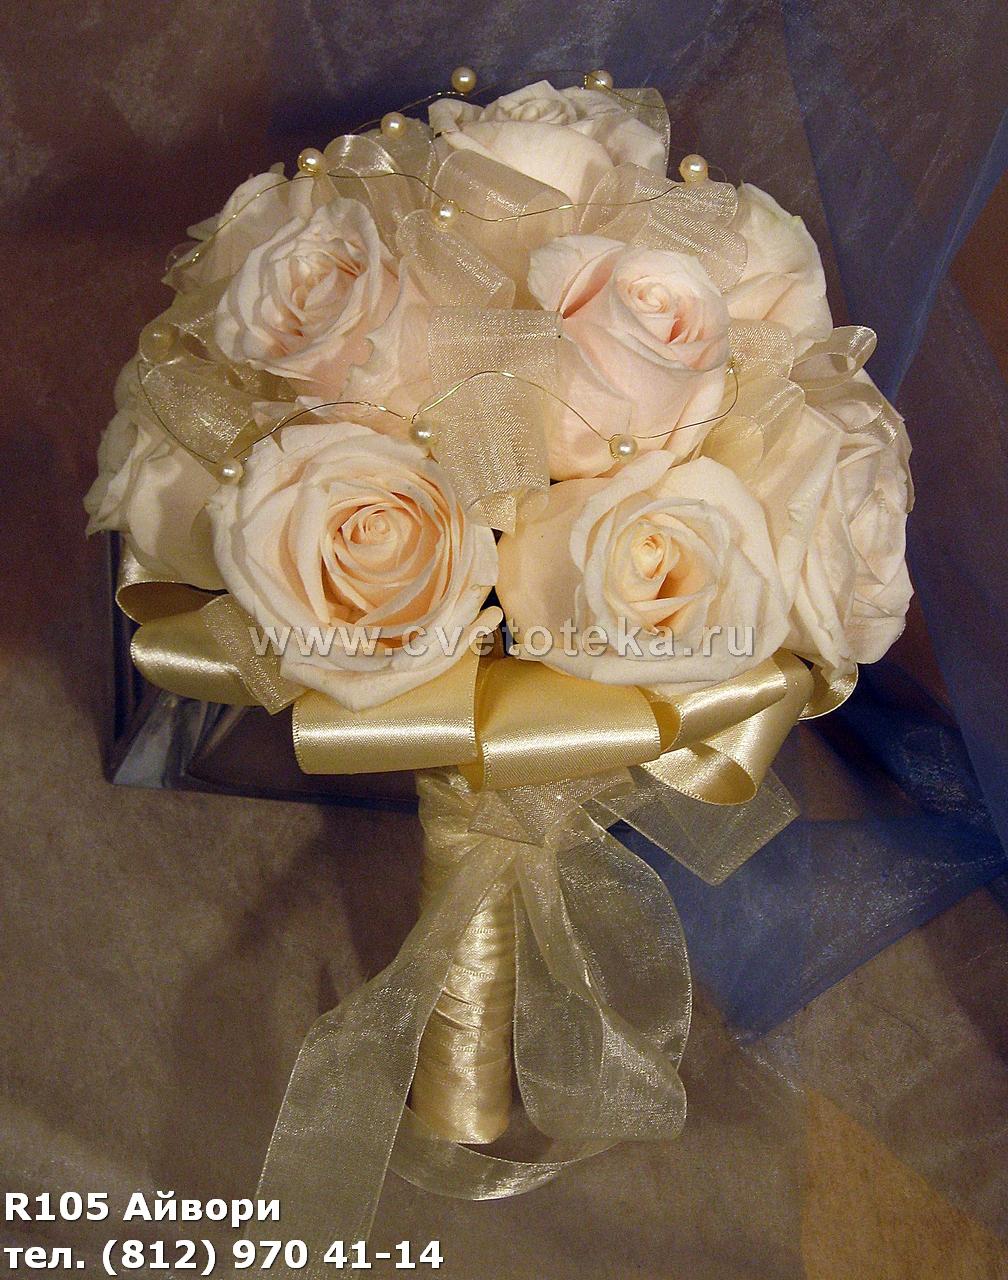 Роза цвет айвори фото 2